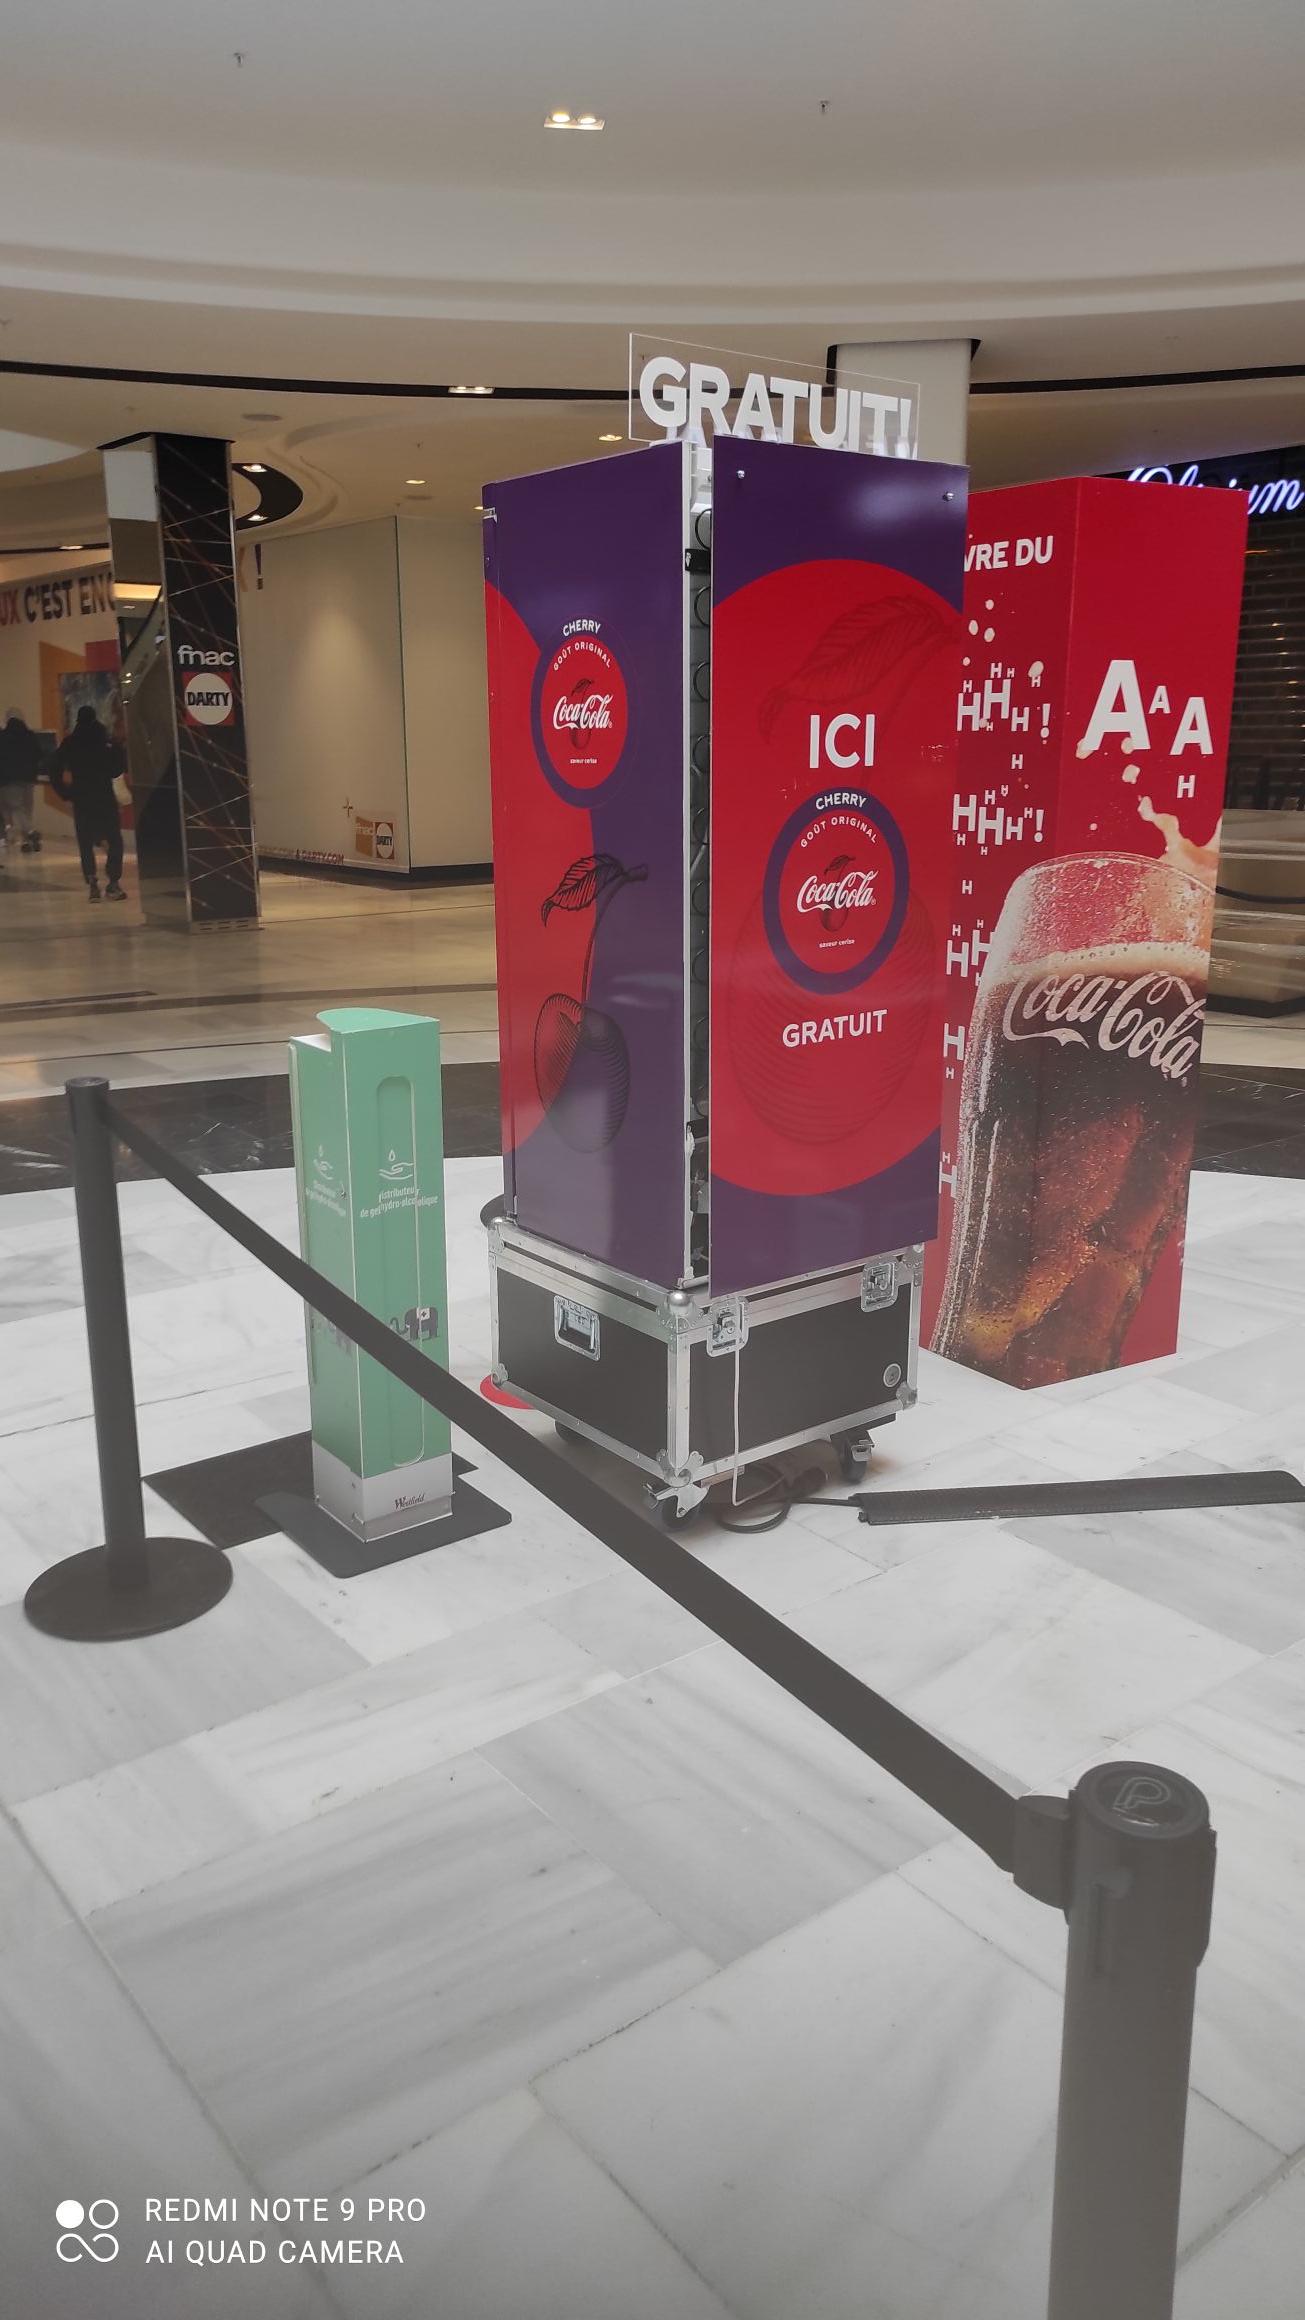 1 Canette de Coca-Cola Cherry offerte - Rosny 2 centre commercial (93)